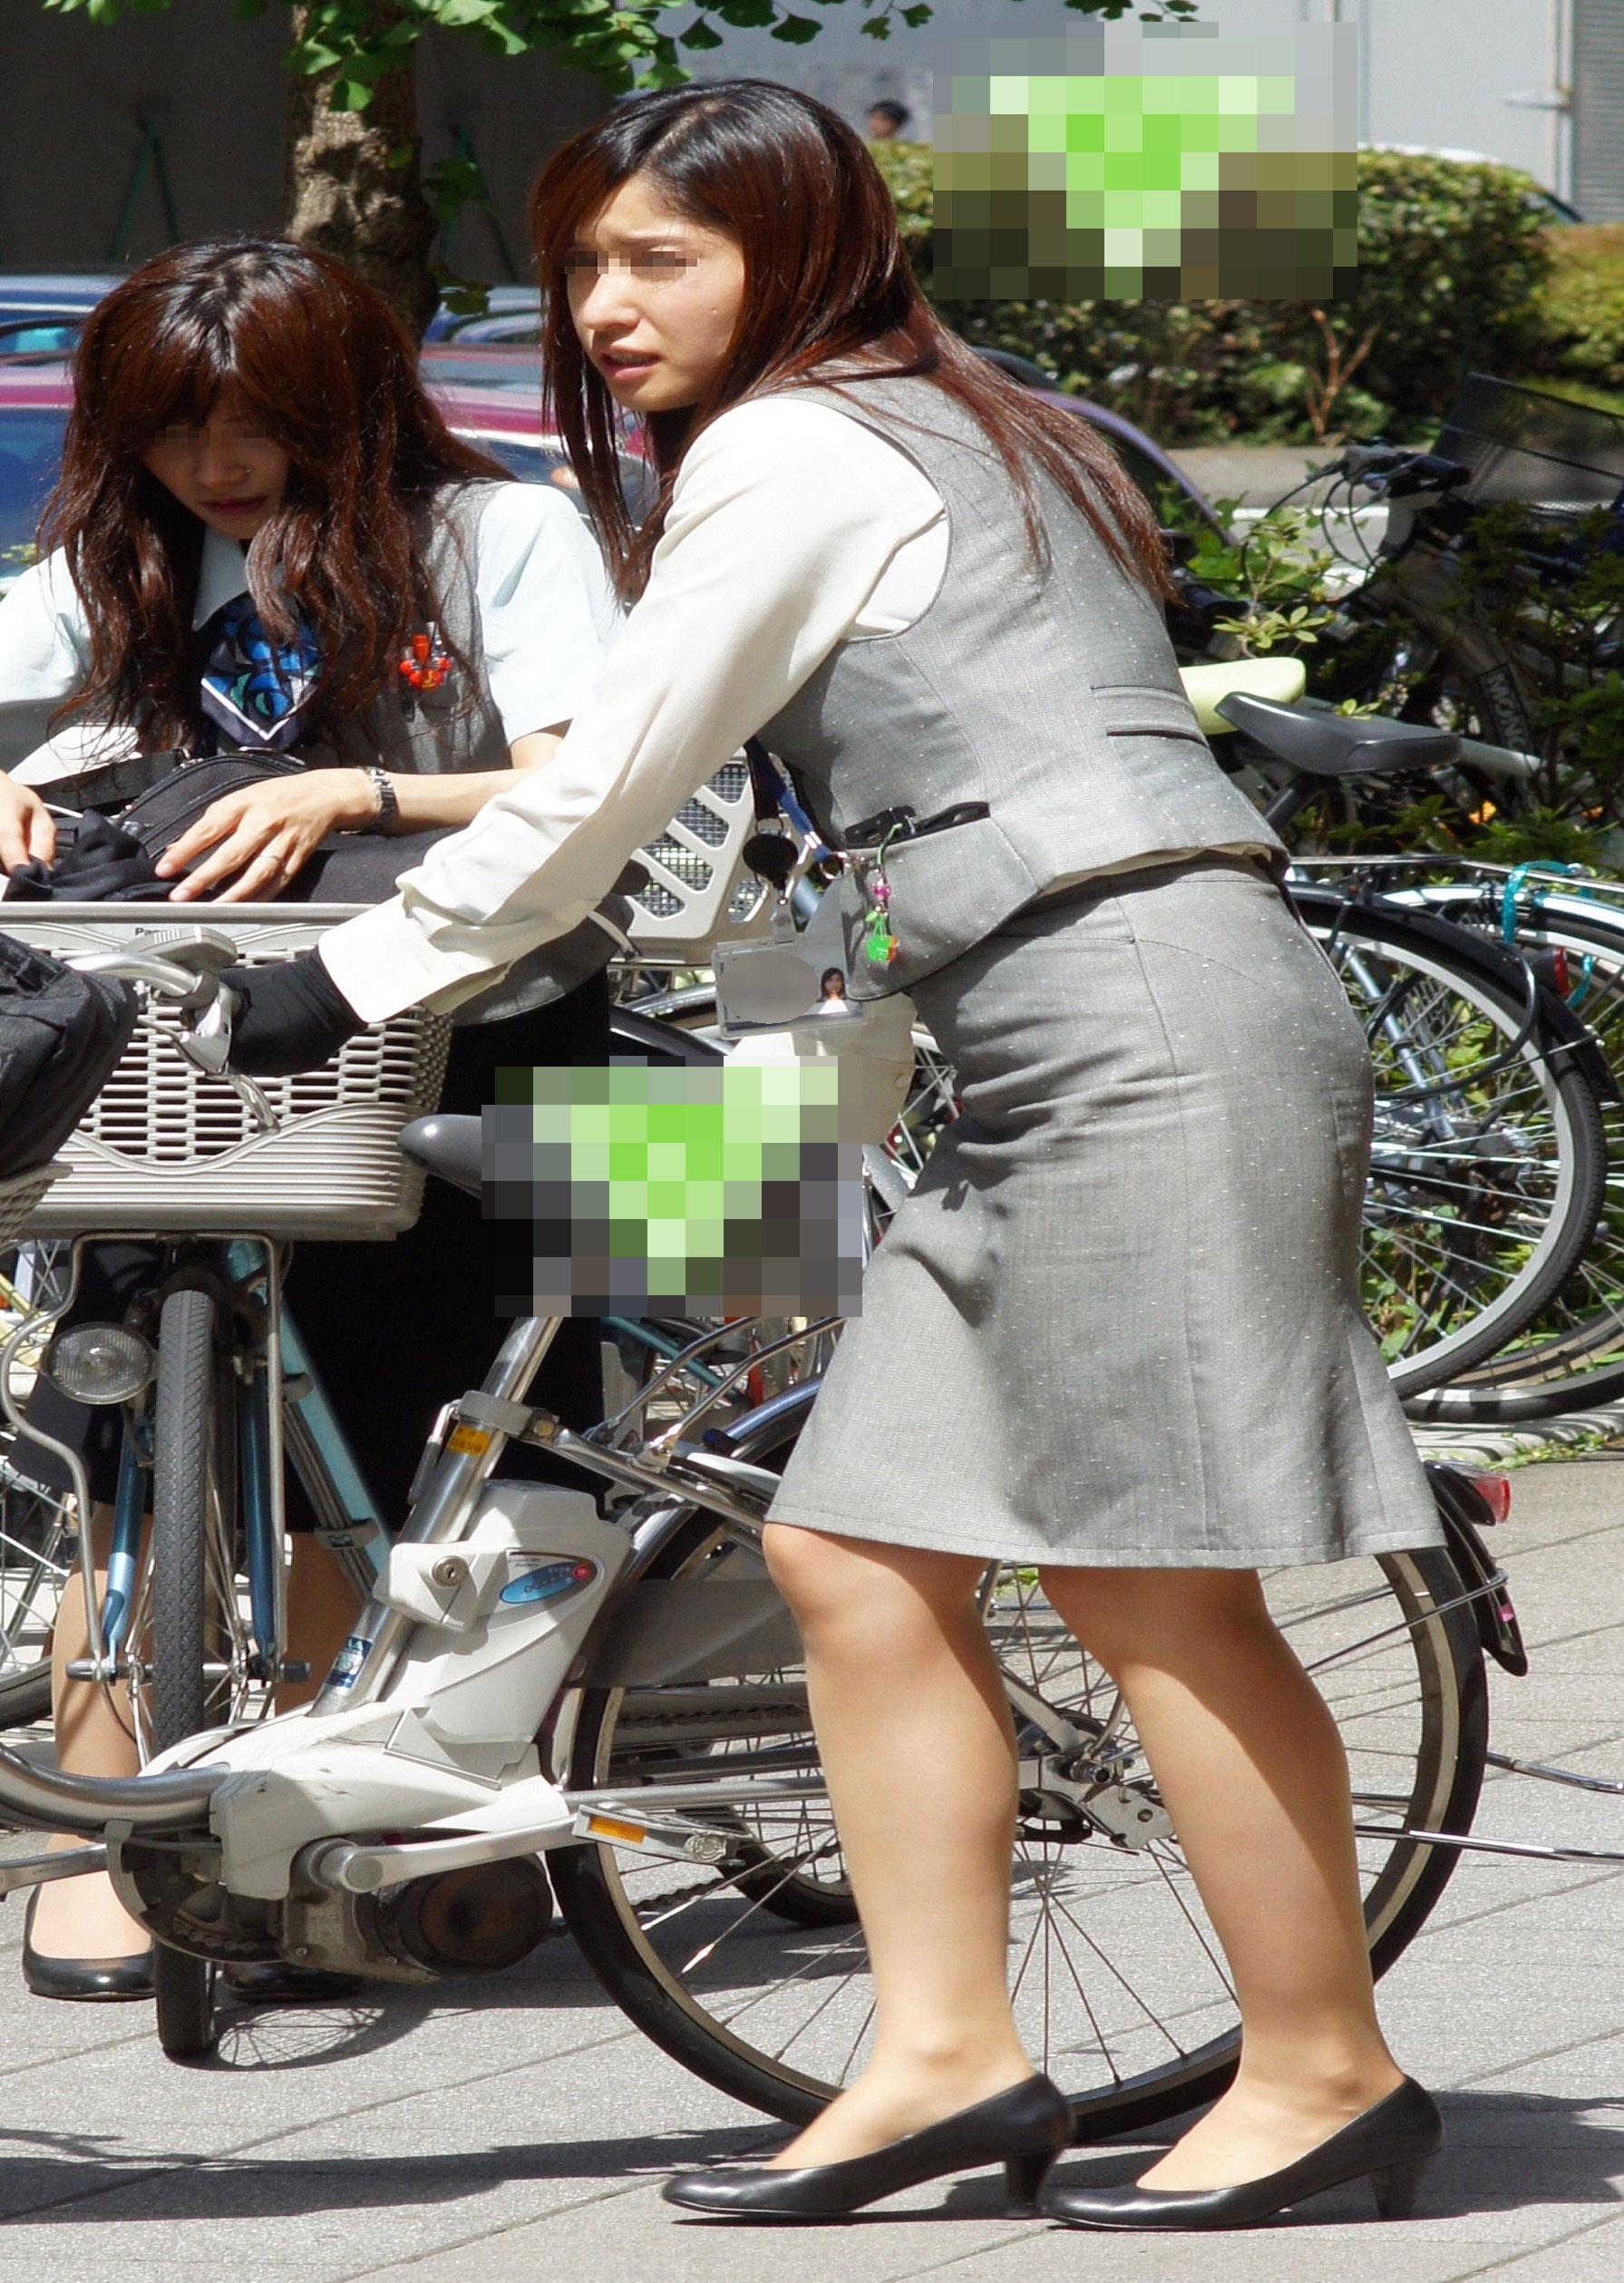 タイトスカートのお尻にパンスト足パンチラの自転車OLエロ画像12枚目